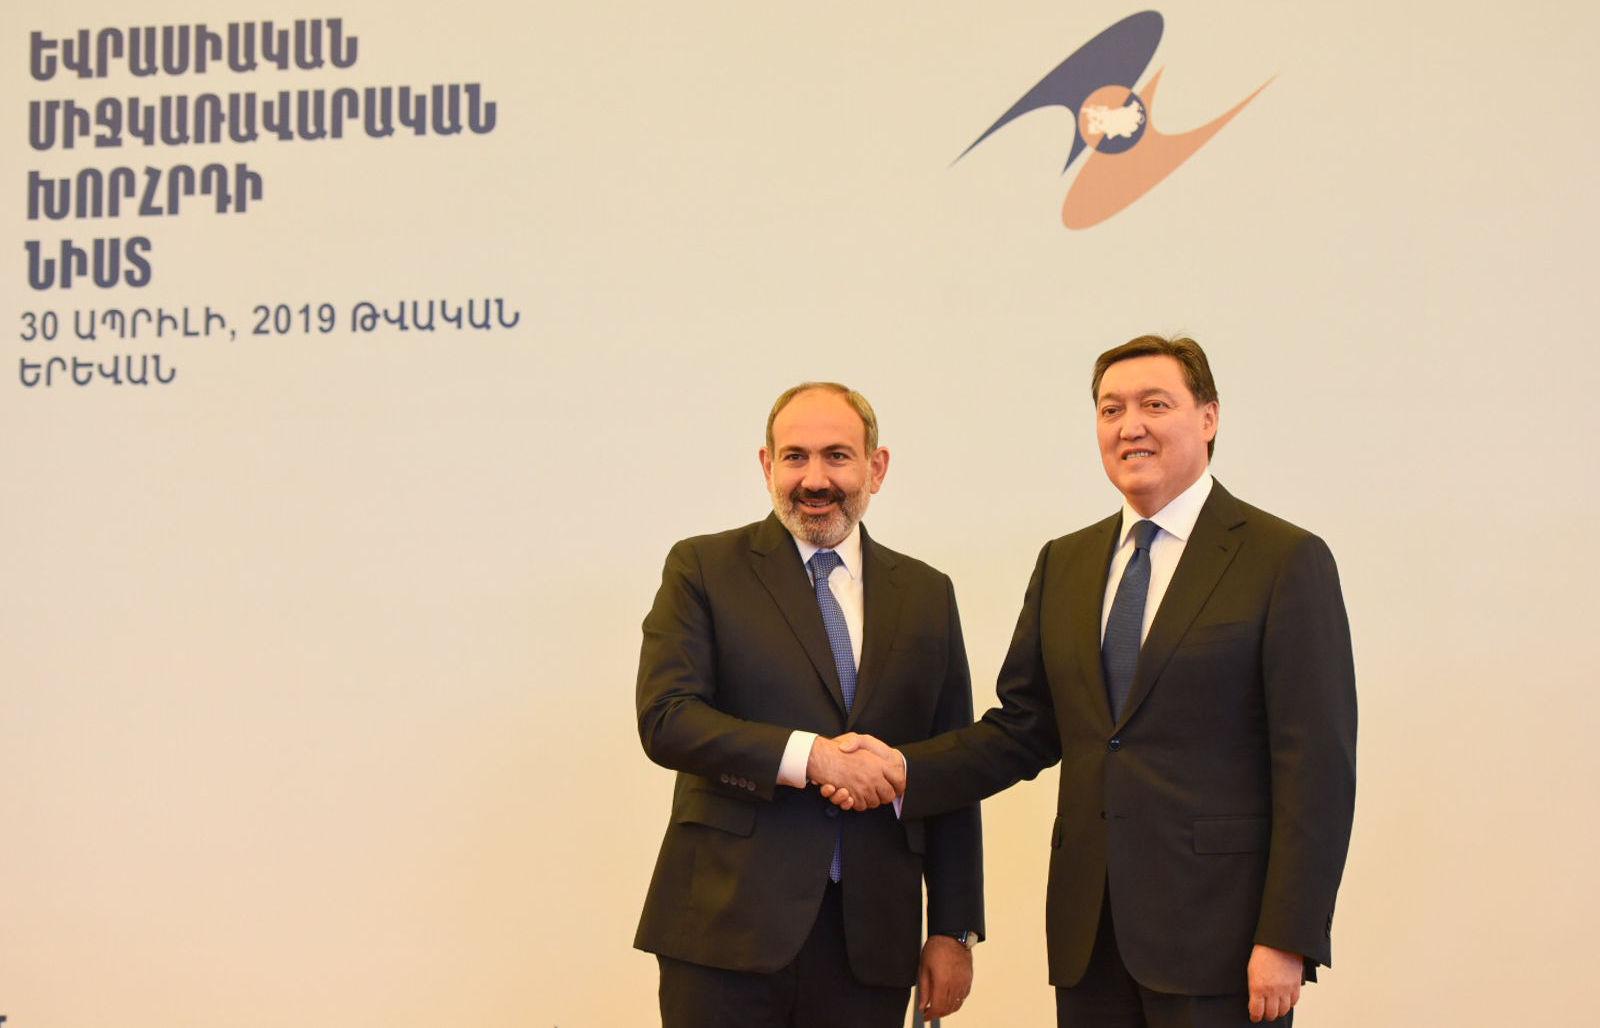 Премьер-министр Армении Никол Пашинян и премьер-министр Казахстана Аскар Мамин в кулуарах заседания Межправсовета ЕАЭС